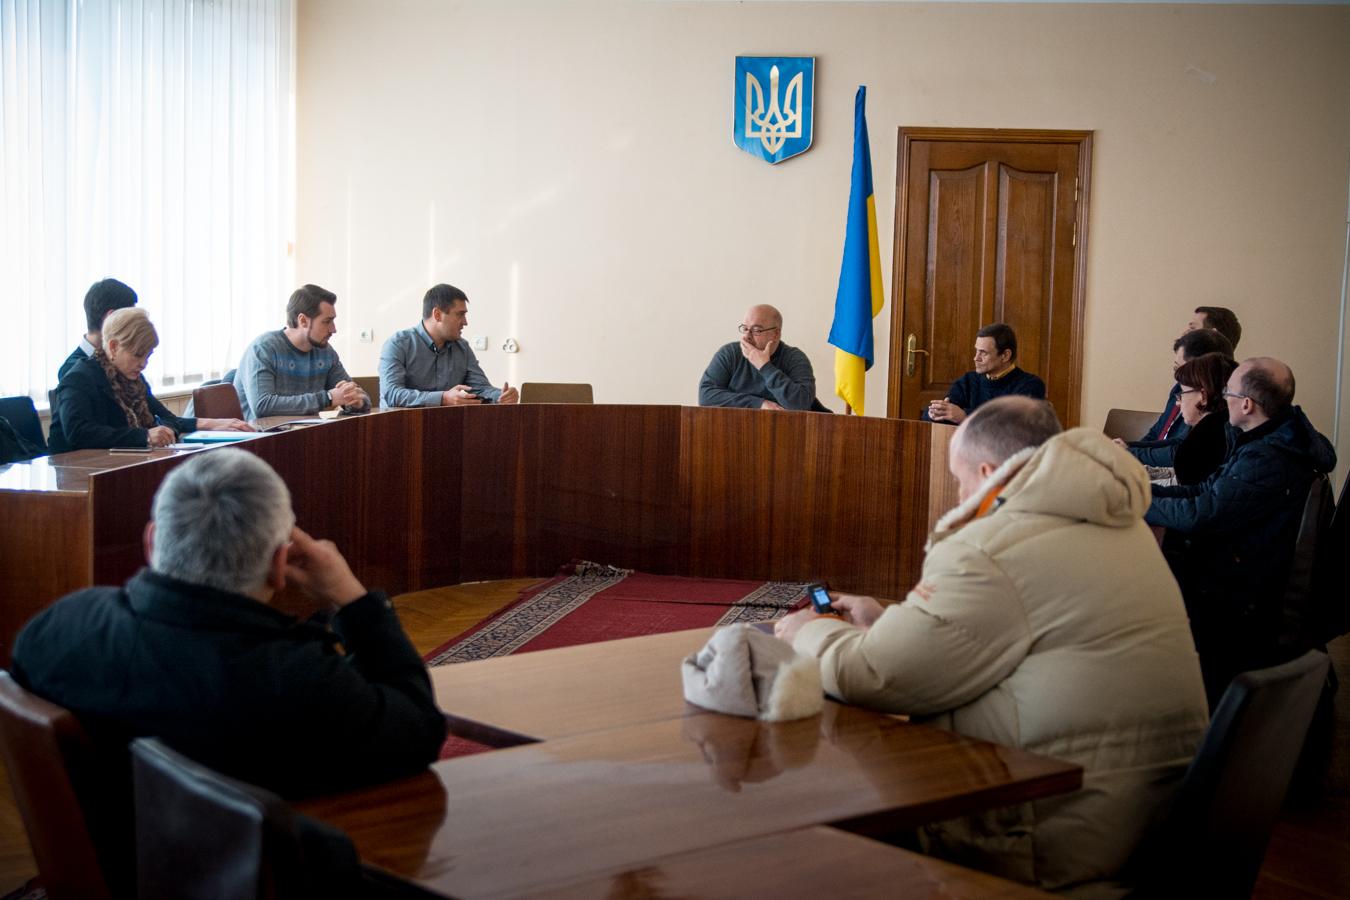 Борняков Штекель петиции